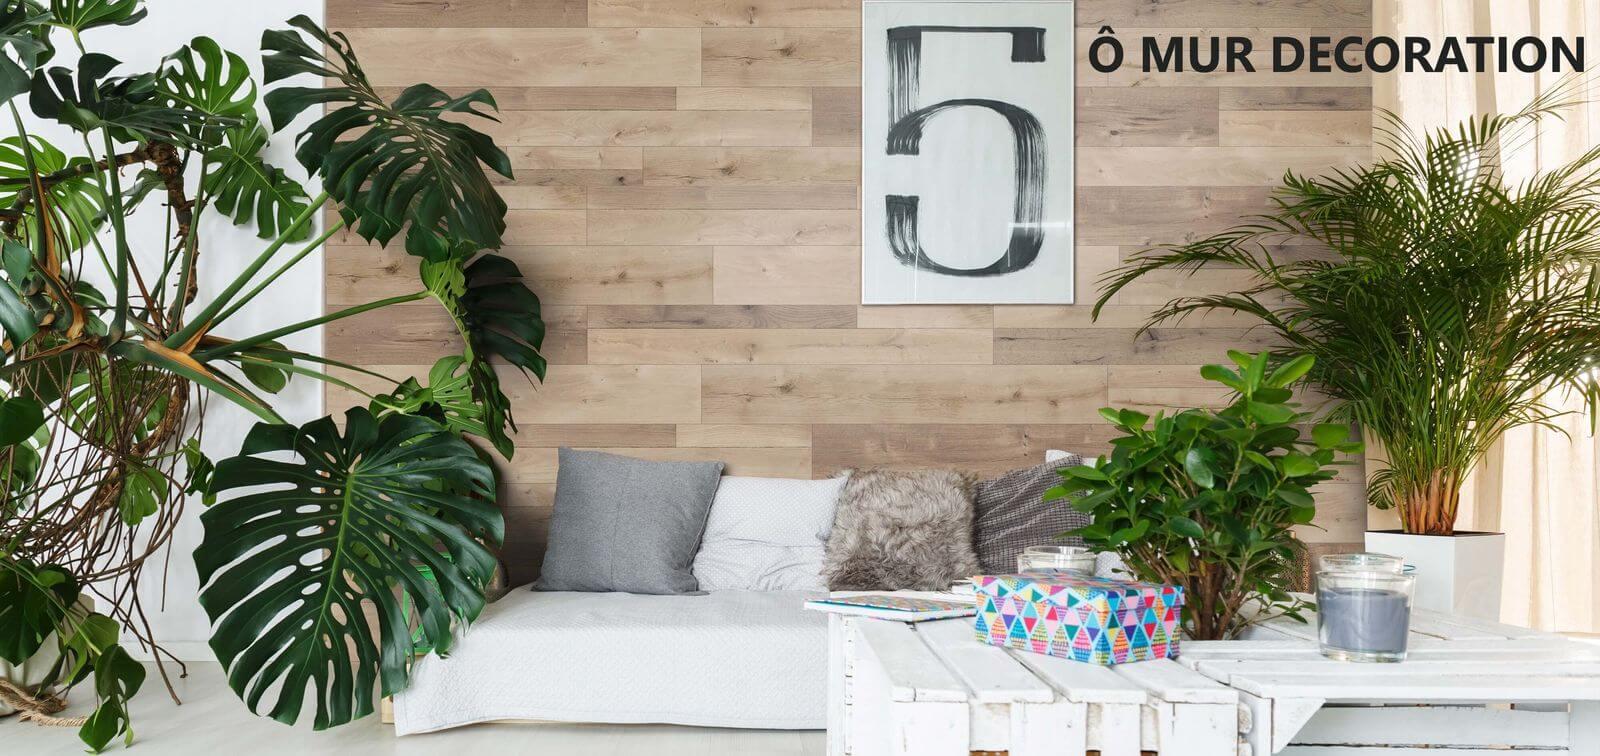 ôMur living room